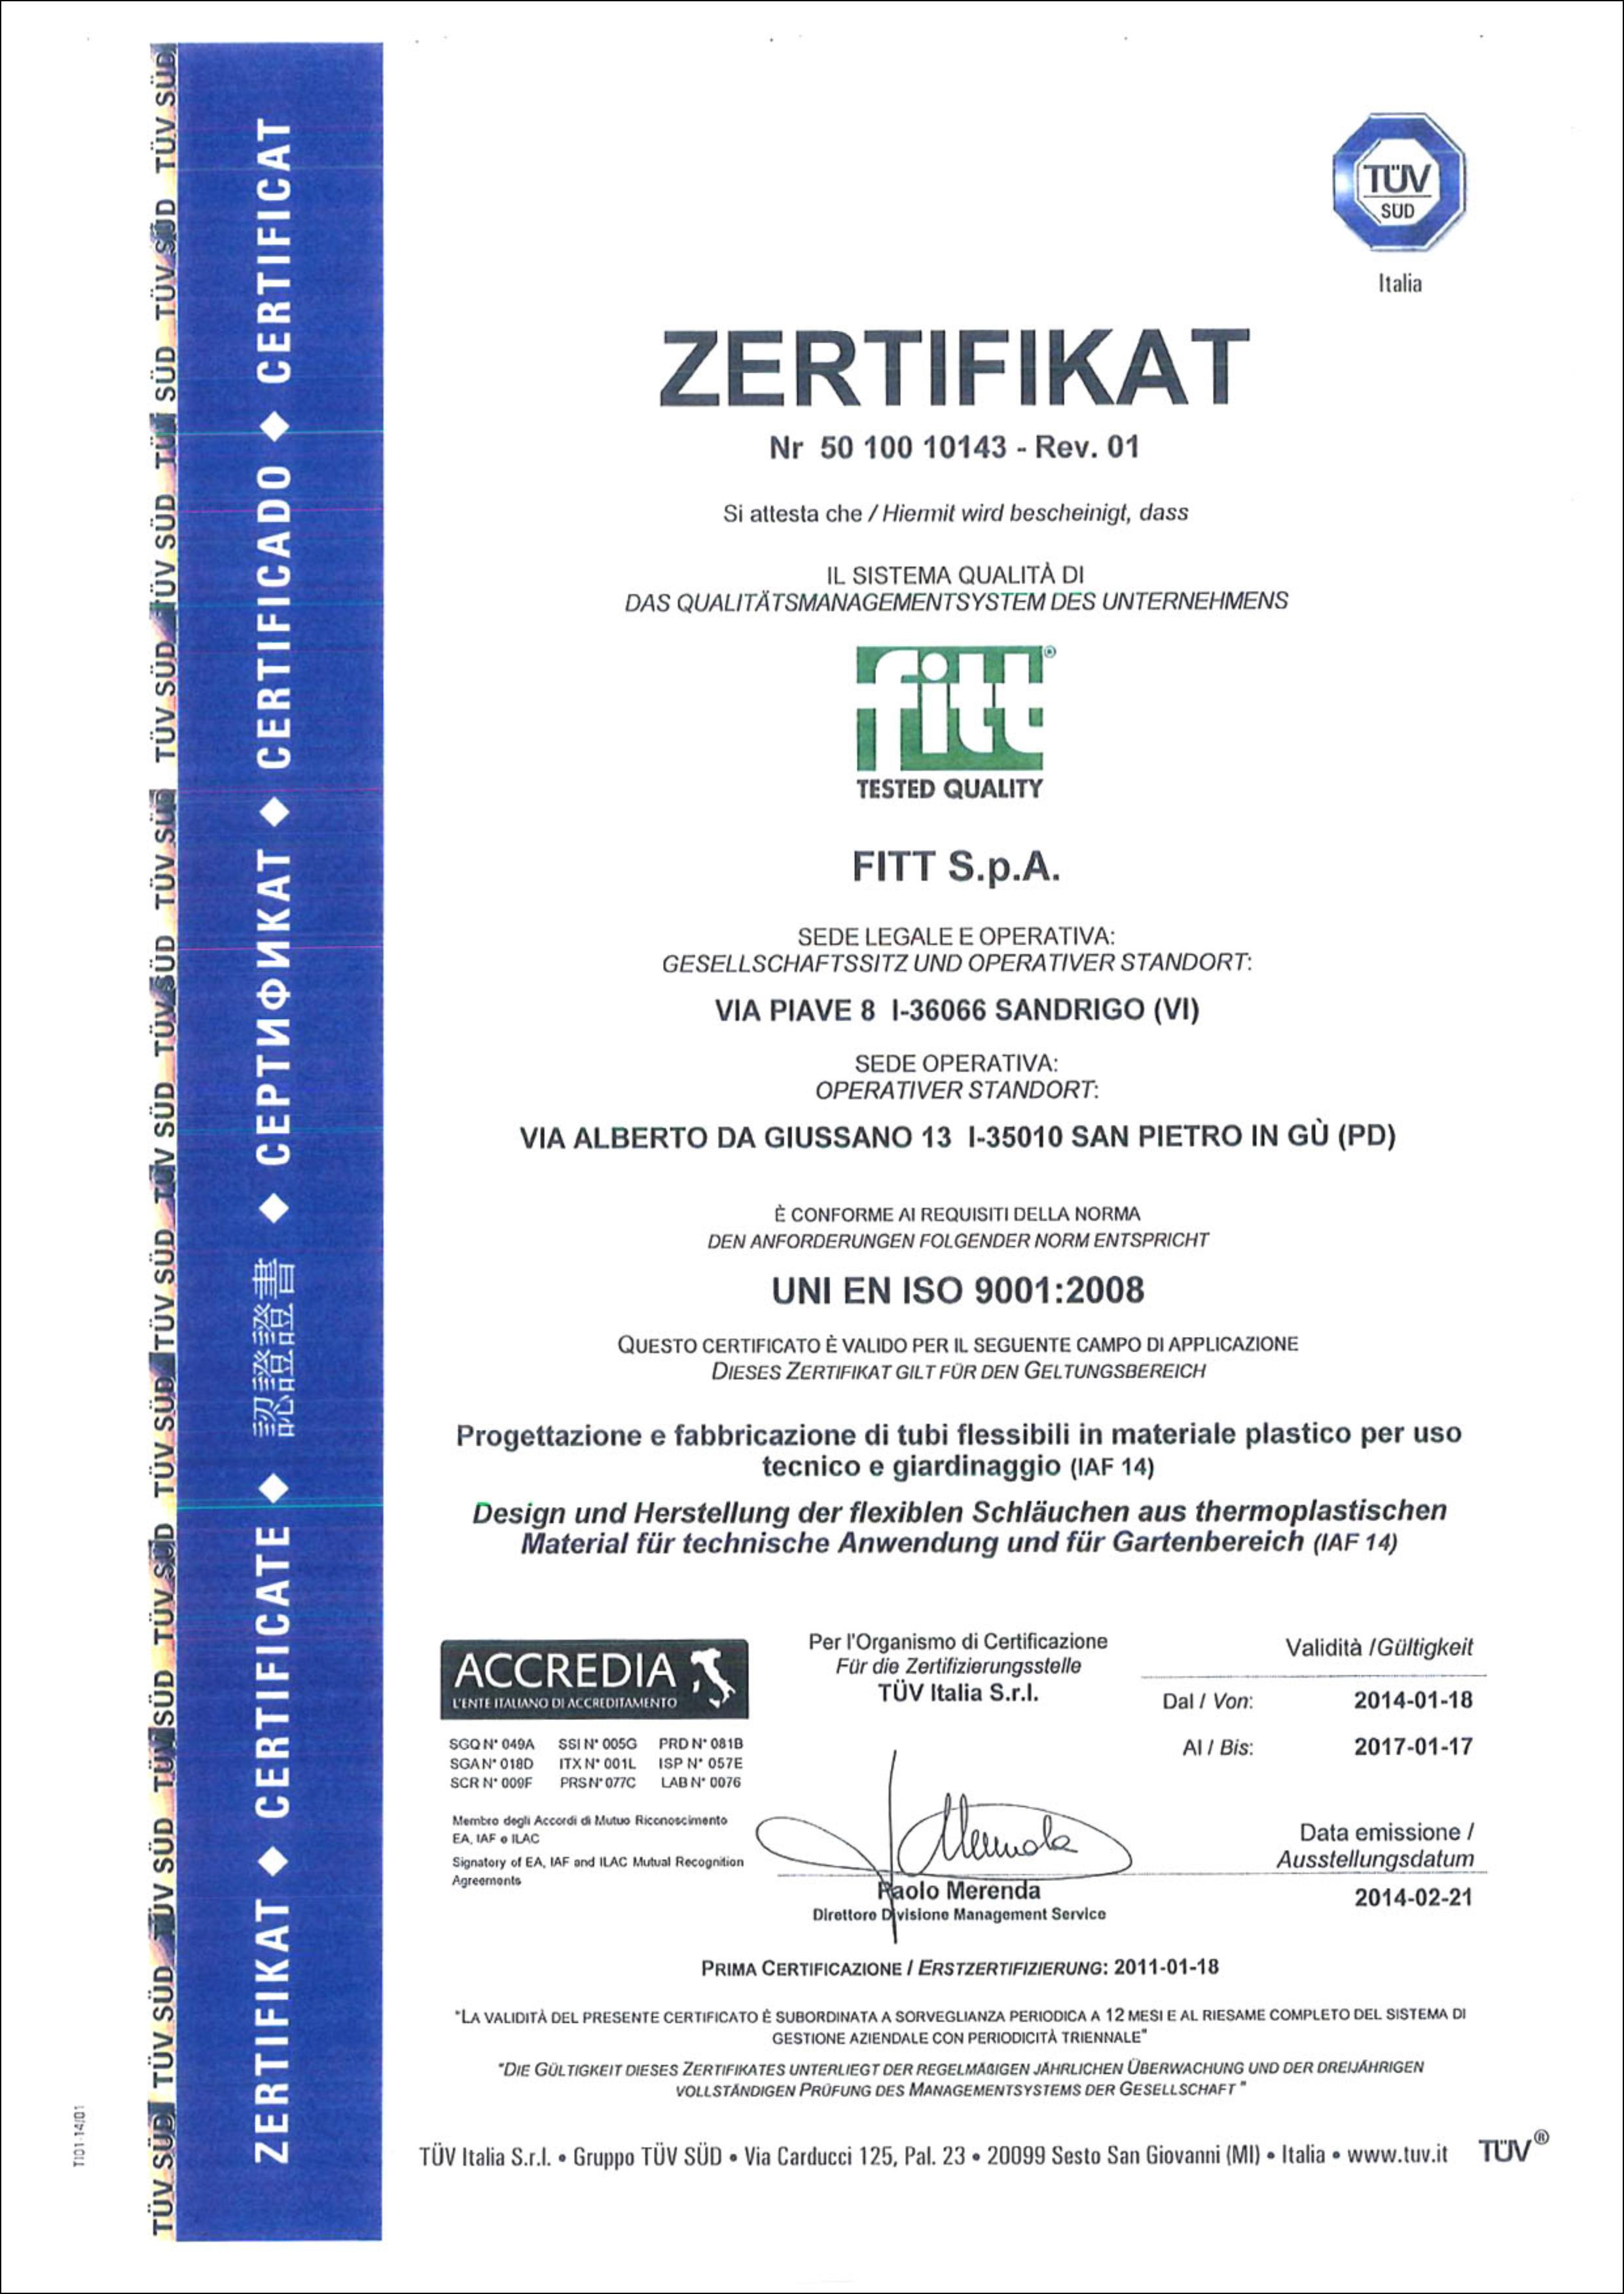 Сертификат_2_качества_подтверждает_соответствие_стандартов_работы_с_сертификатом_регулирования_с.jpg